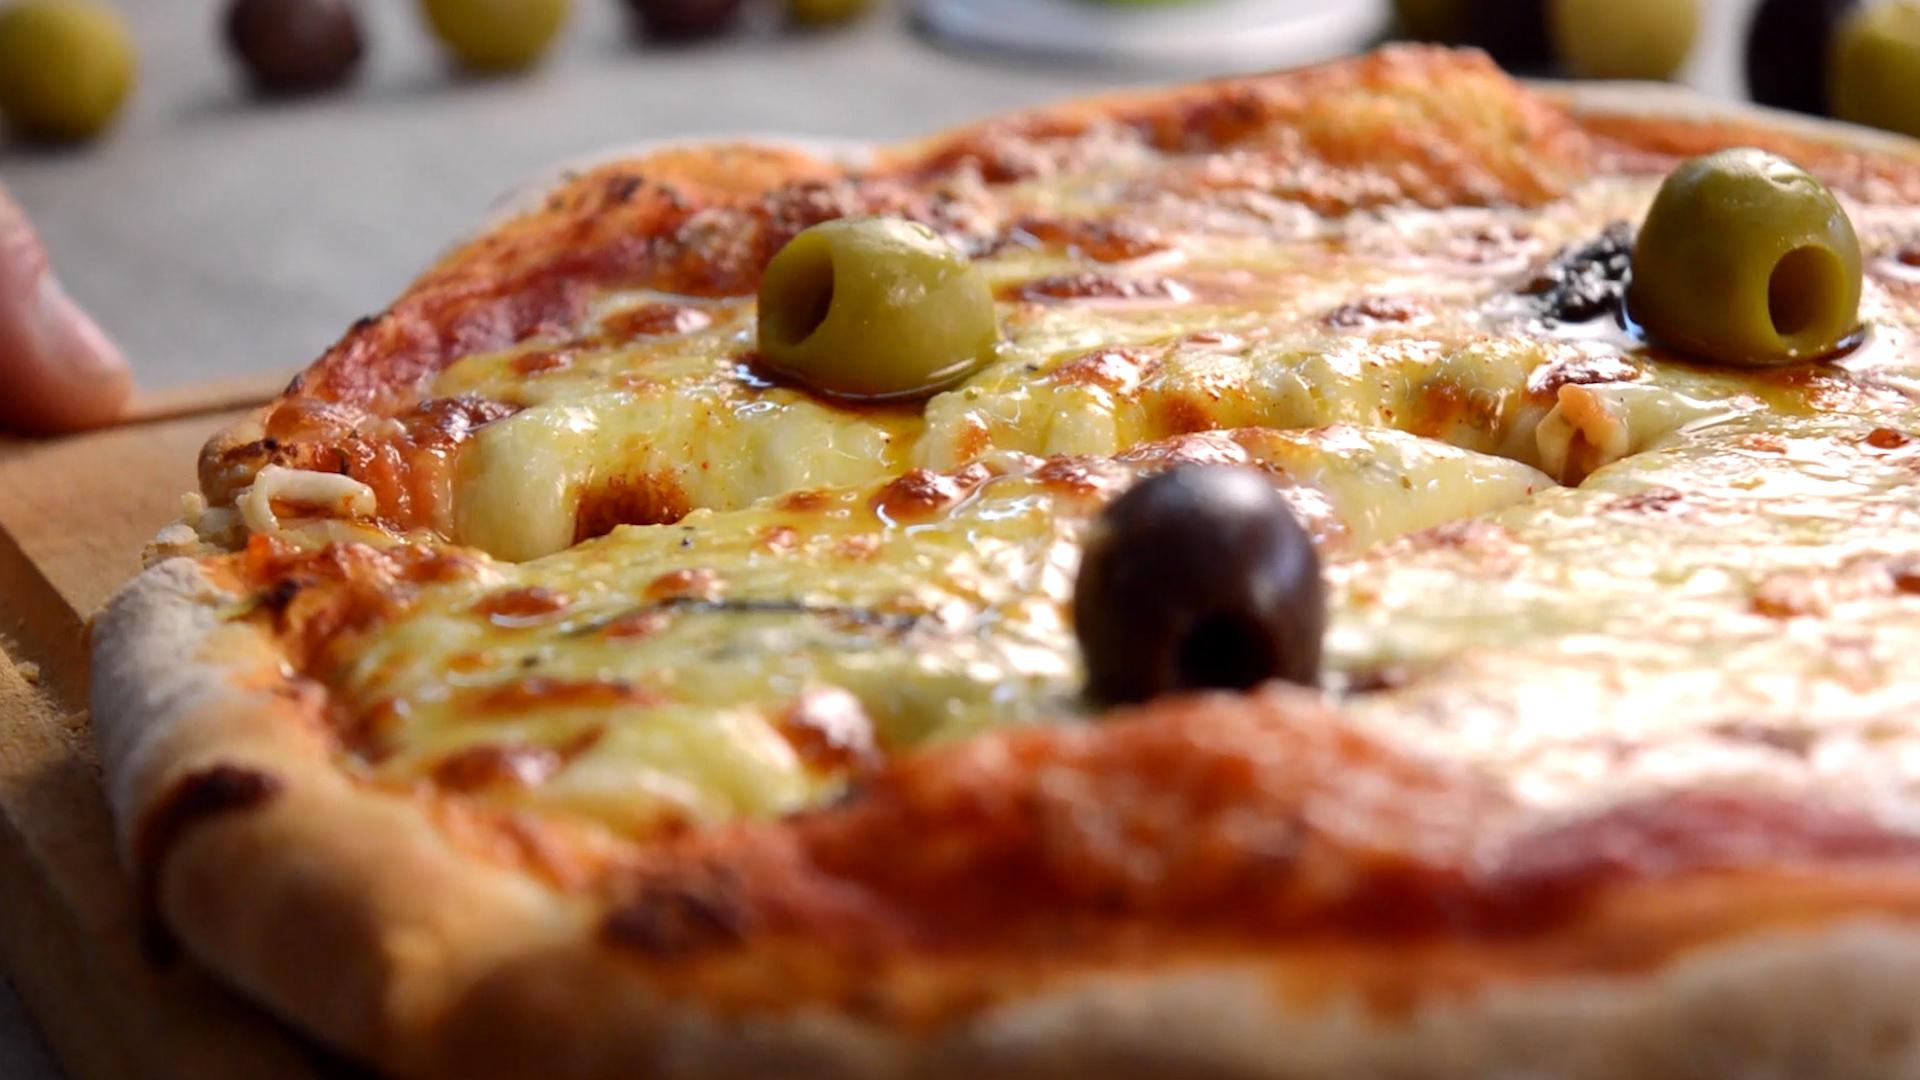 Levadura, harina, sal, muzzarella y aceitunas, los ingredientes esenciales para hacer una pizza